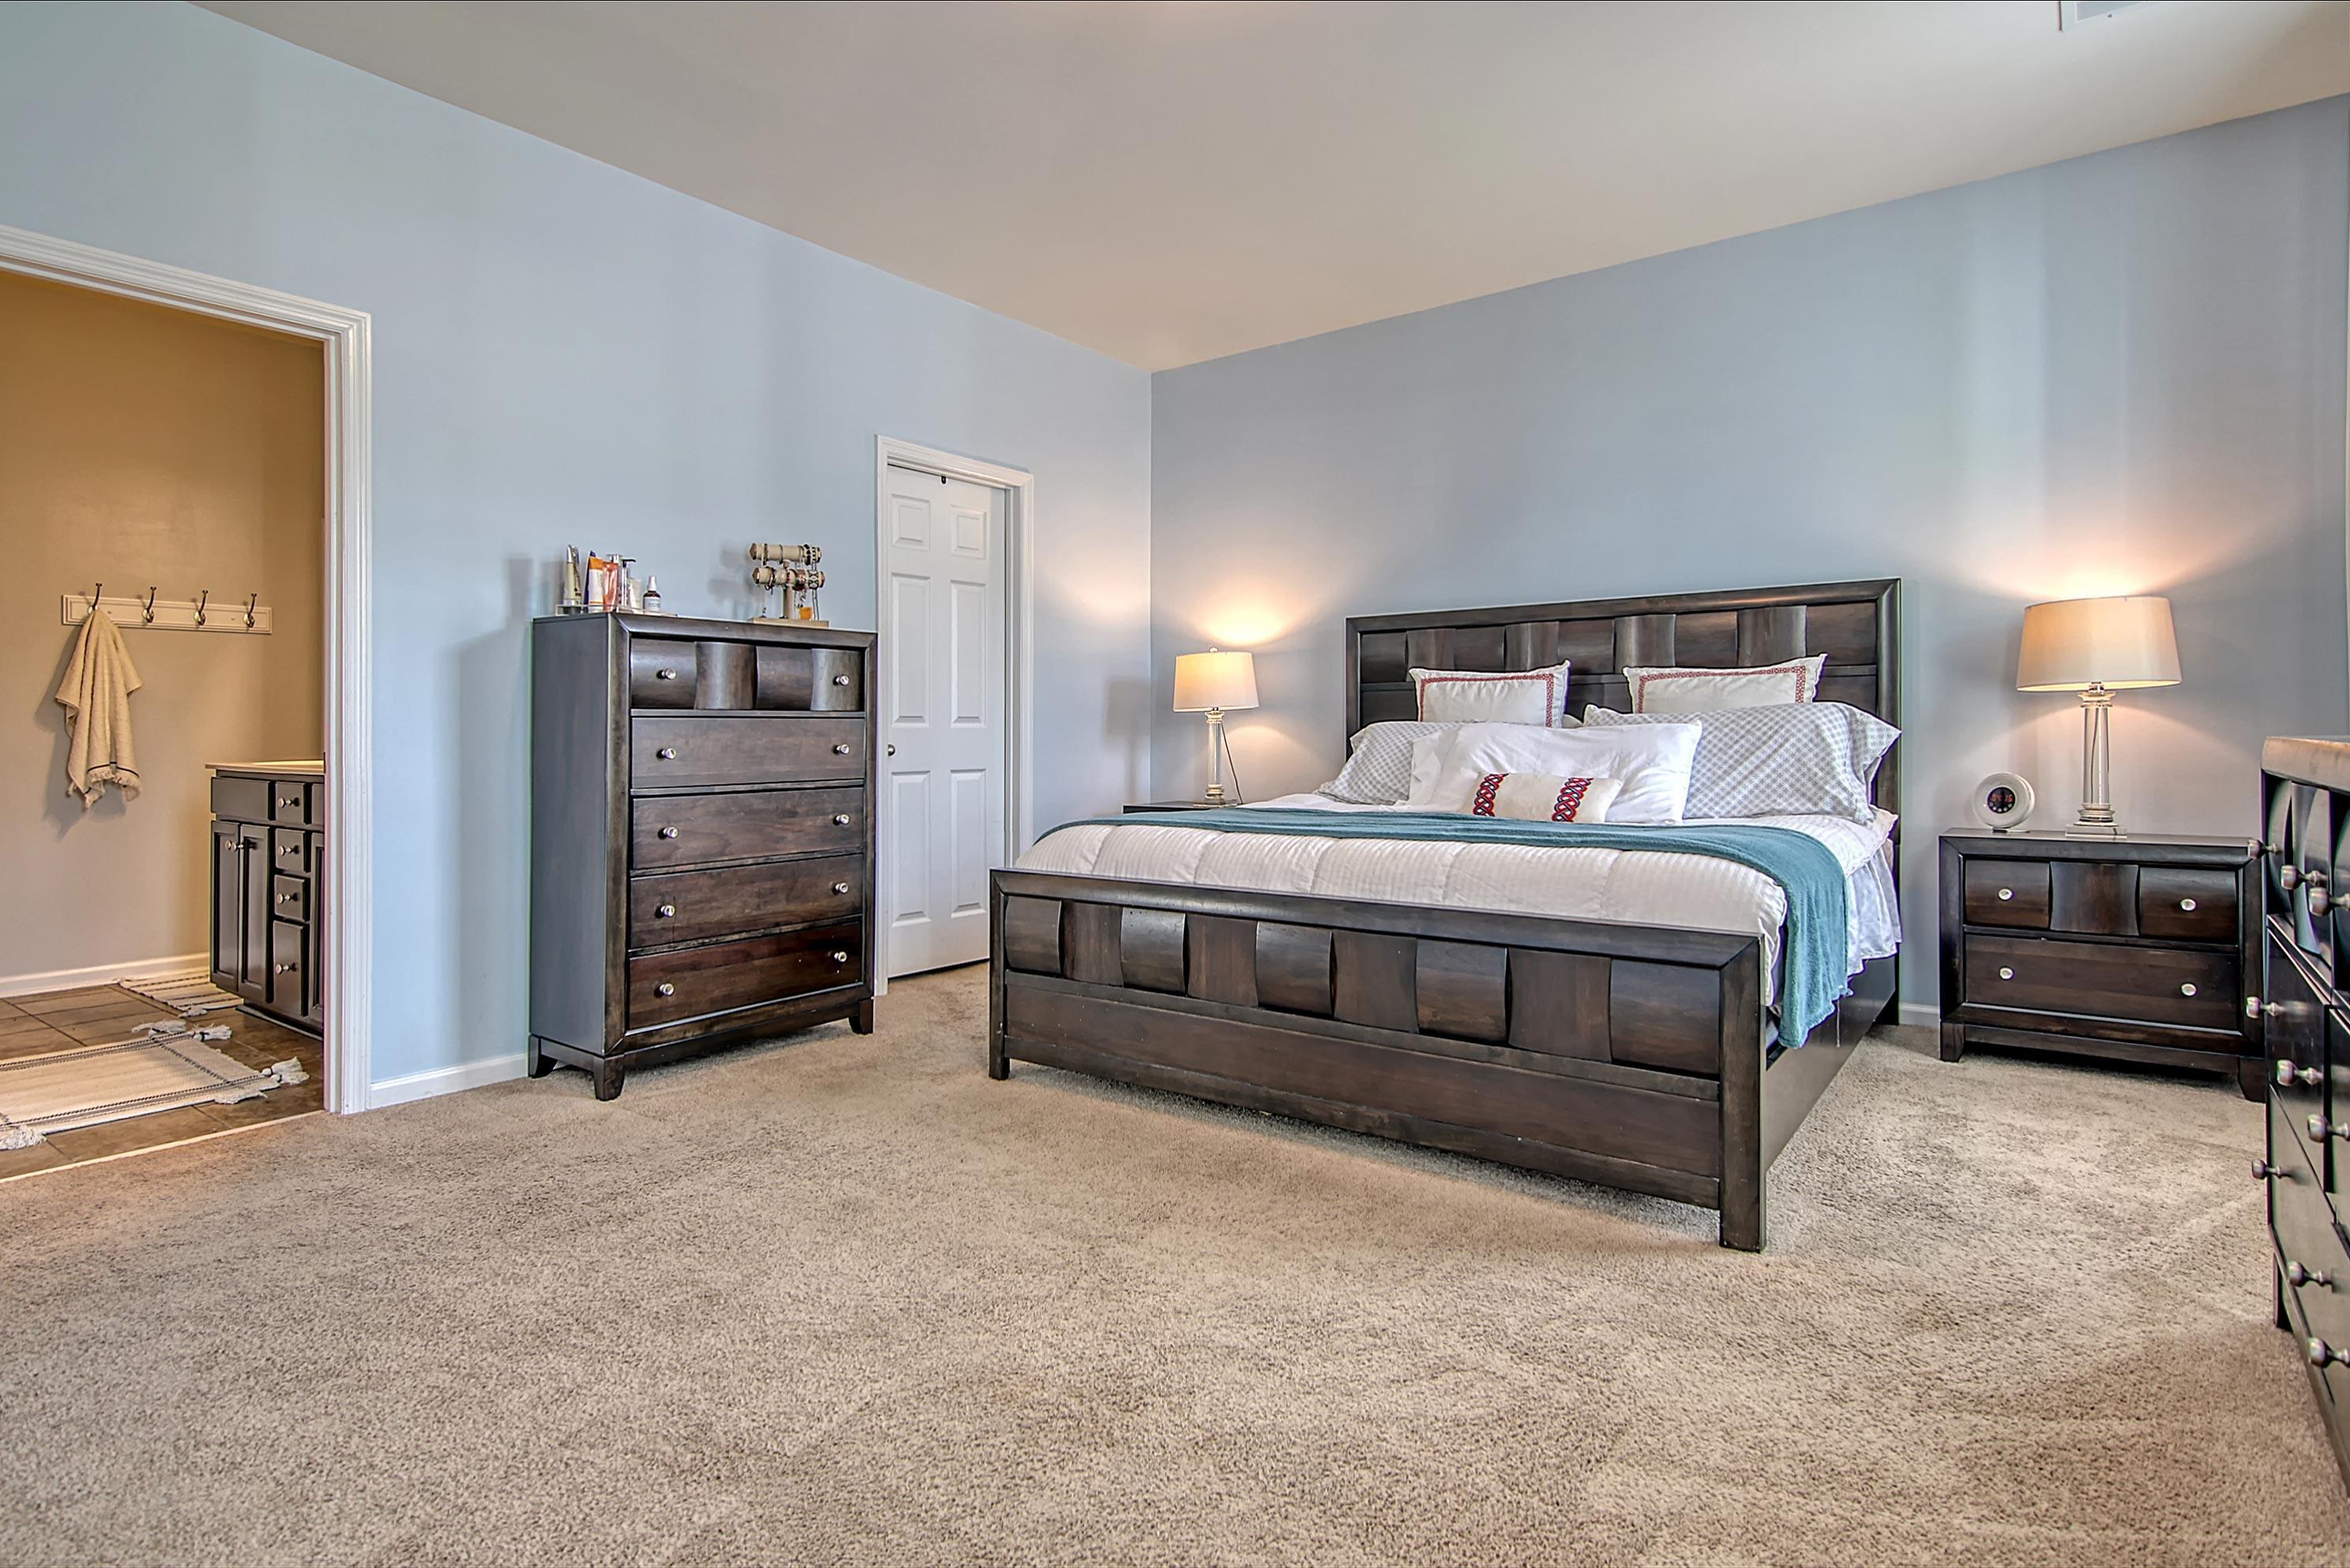 Lieben Park Homes For Sale - 3598 Franklin Tower, Mount Pleasant, SC - 1